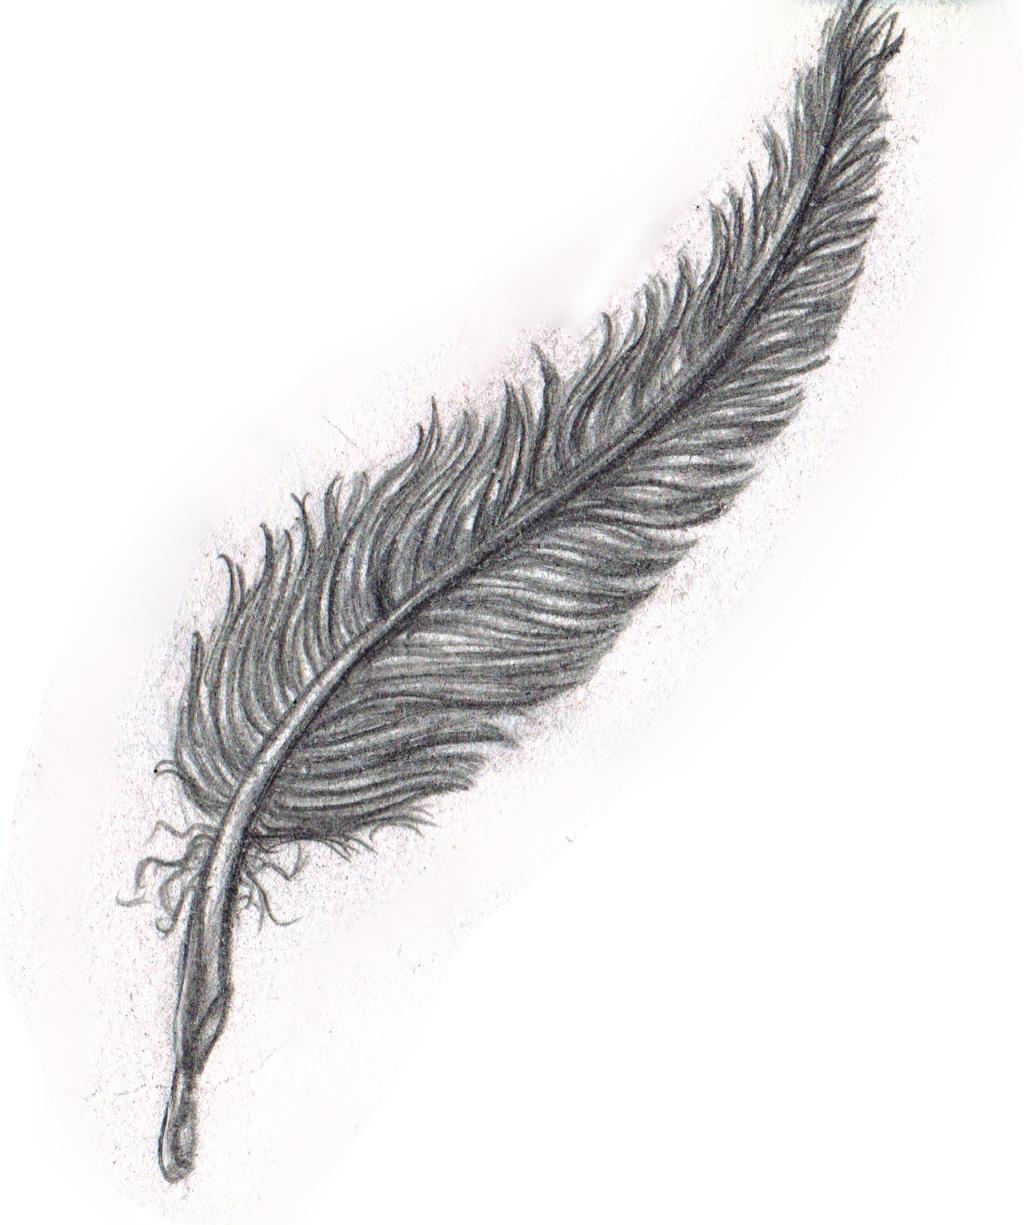 Eagle Feather Pencil Drawing Eagle featherEagle Feather Pencil Drawing